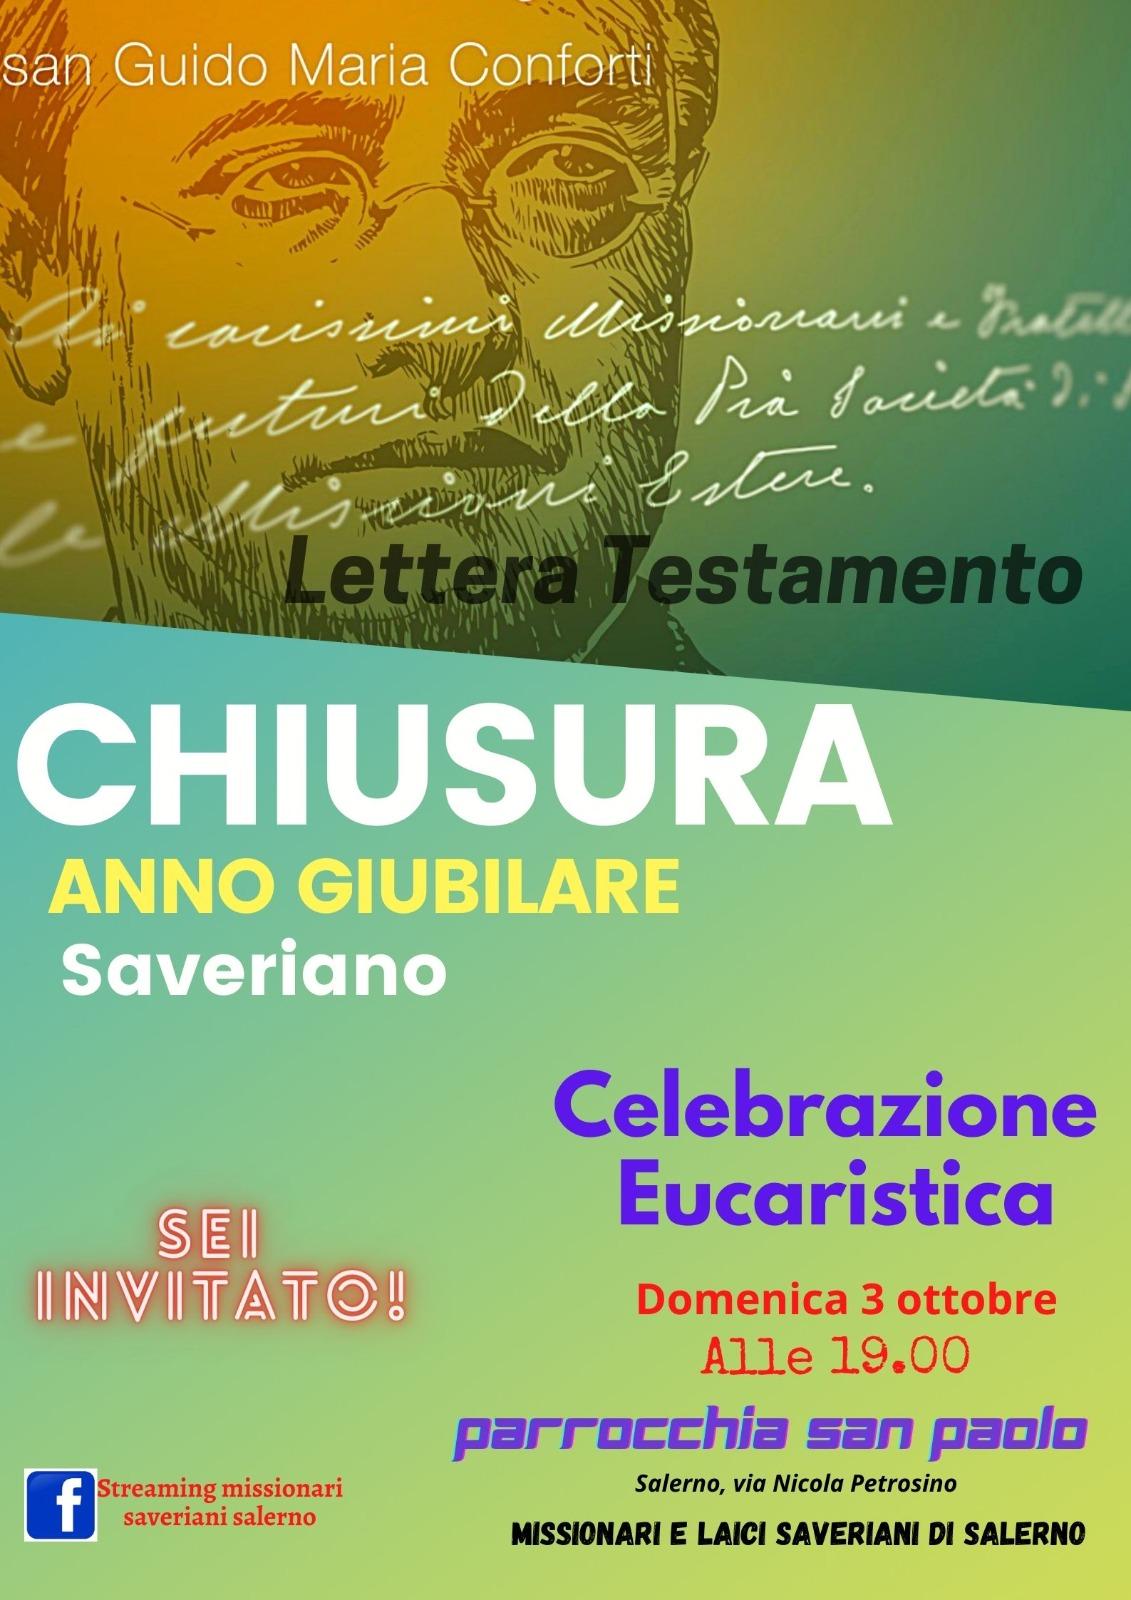 Chiusura anno giubilare missionari saveriani salerno